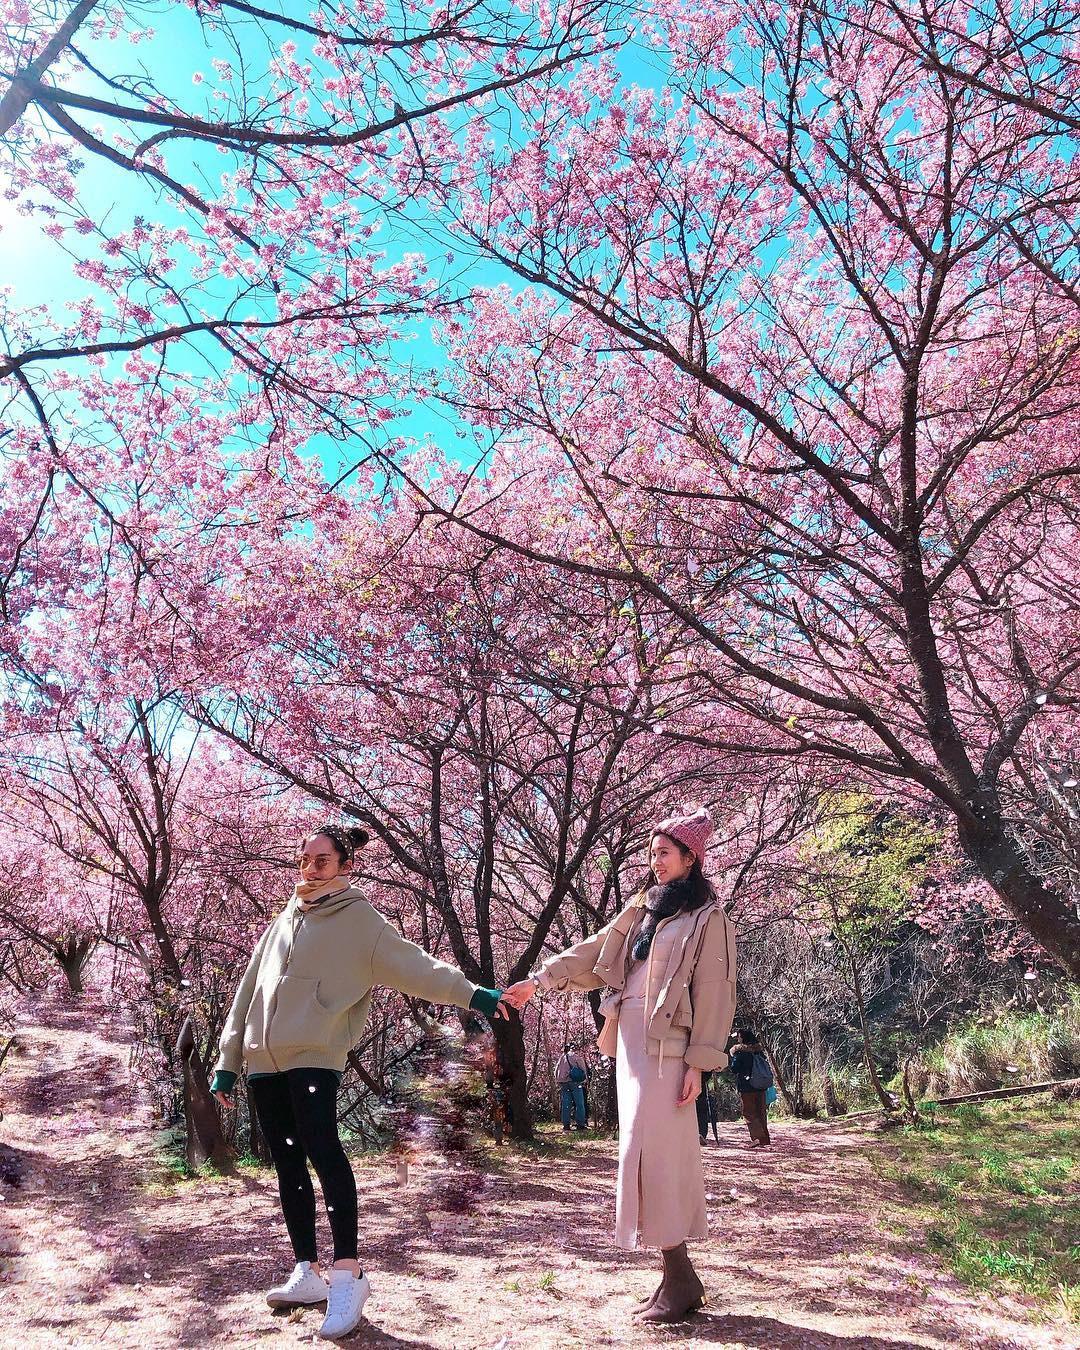 Đài Loan: Hoa anh đào lại nở rợp trời, tạo điều kiện cho trai gái dập dìu chơi xuân - Ảnh 2.